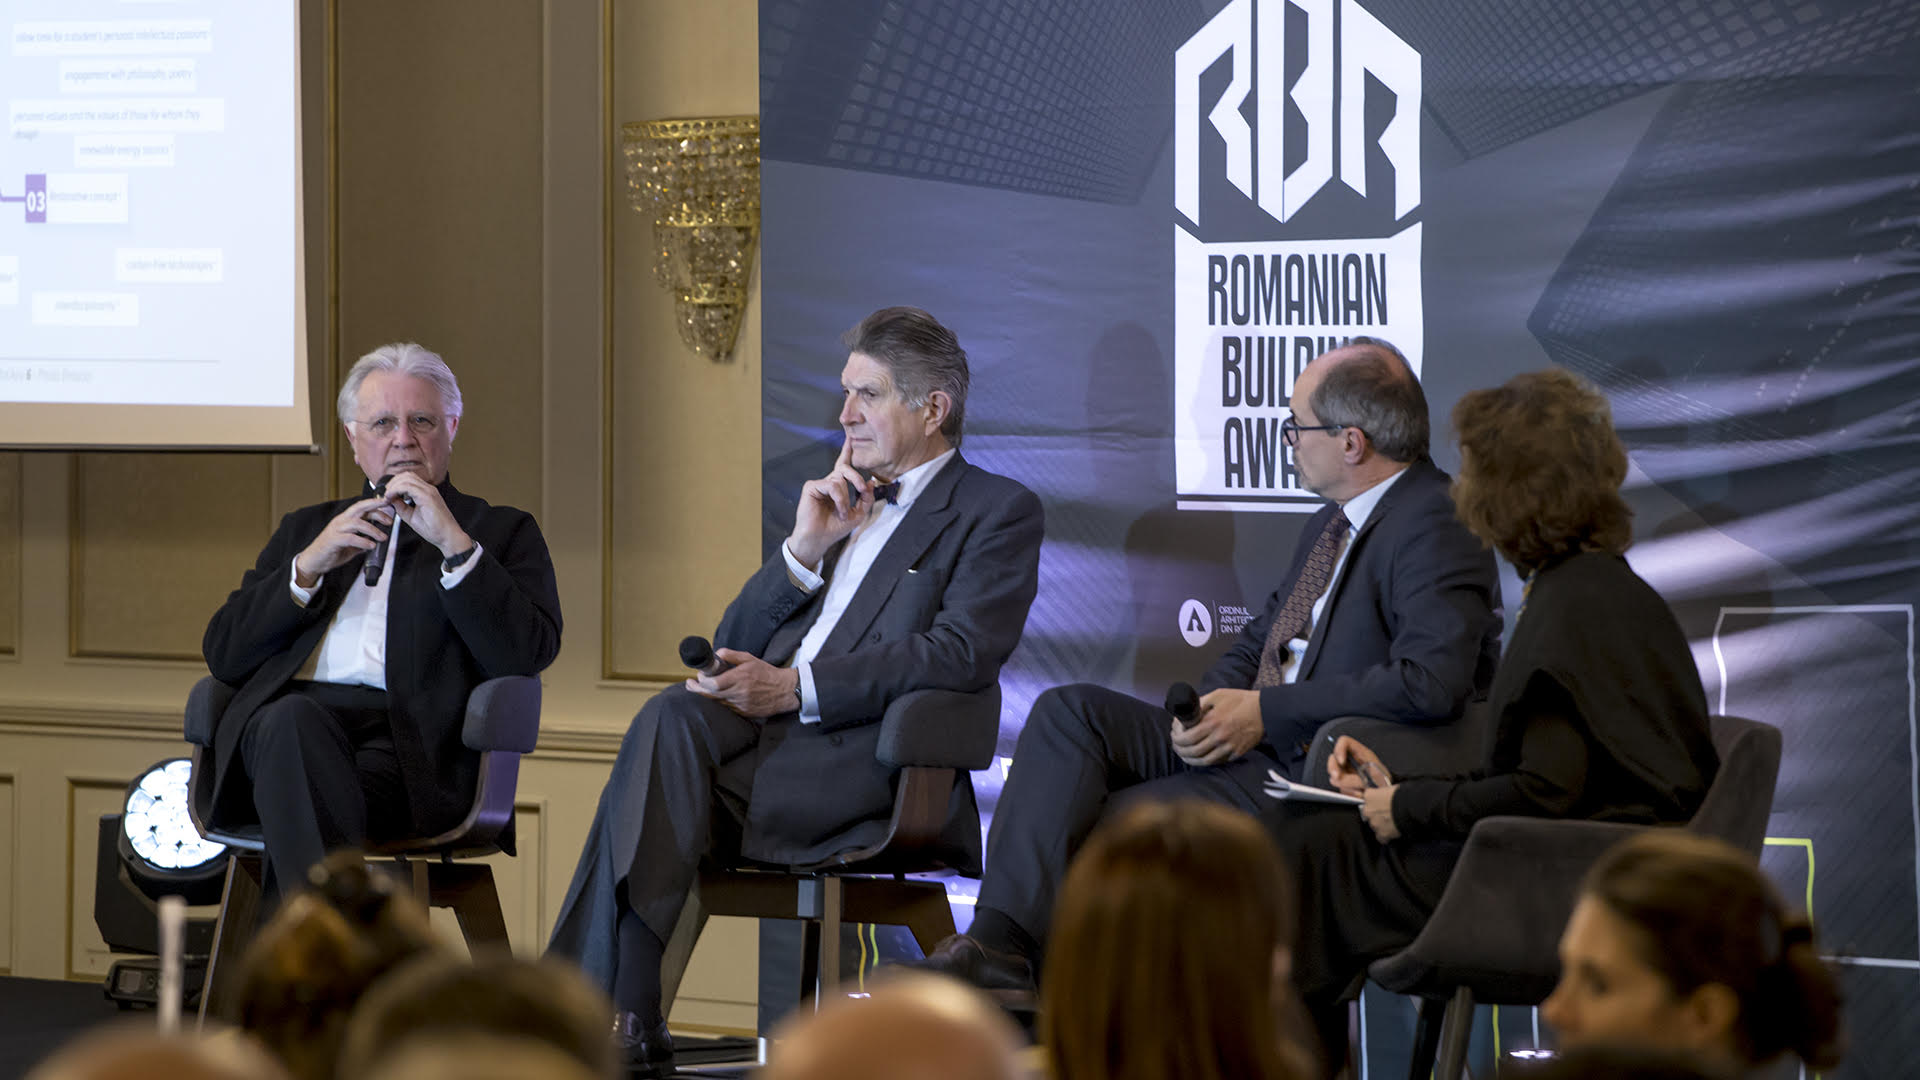 Au fost anunțați câștigătorii Romanian Building Awards ediția 2017 - Au fost anunțați câștigătorii Romanian Building Awards ediția 2017